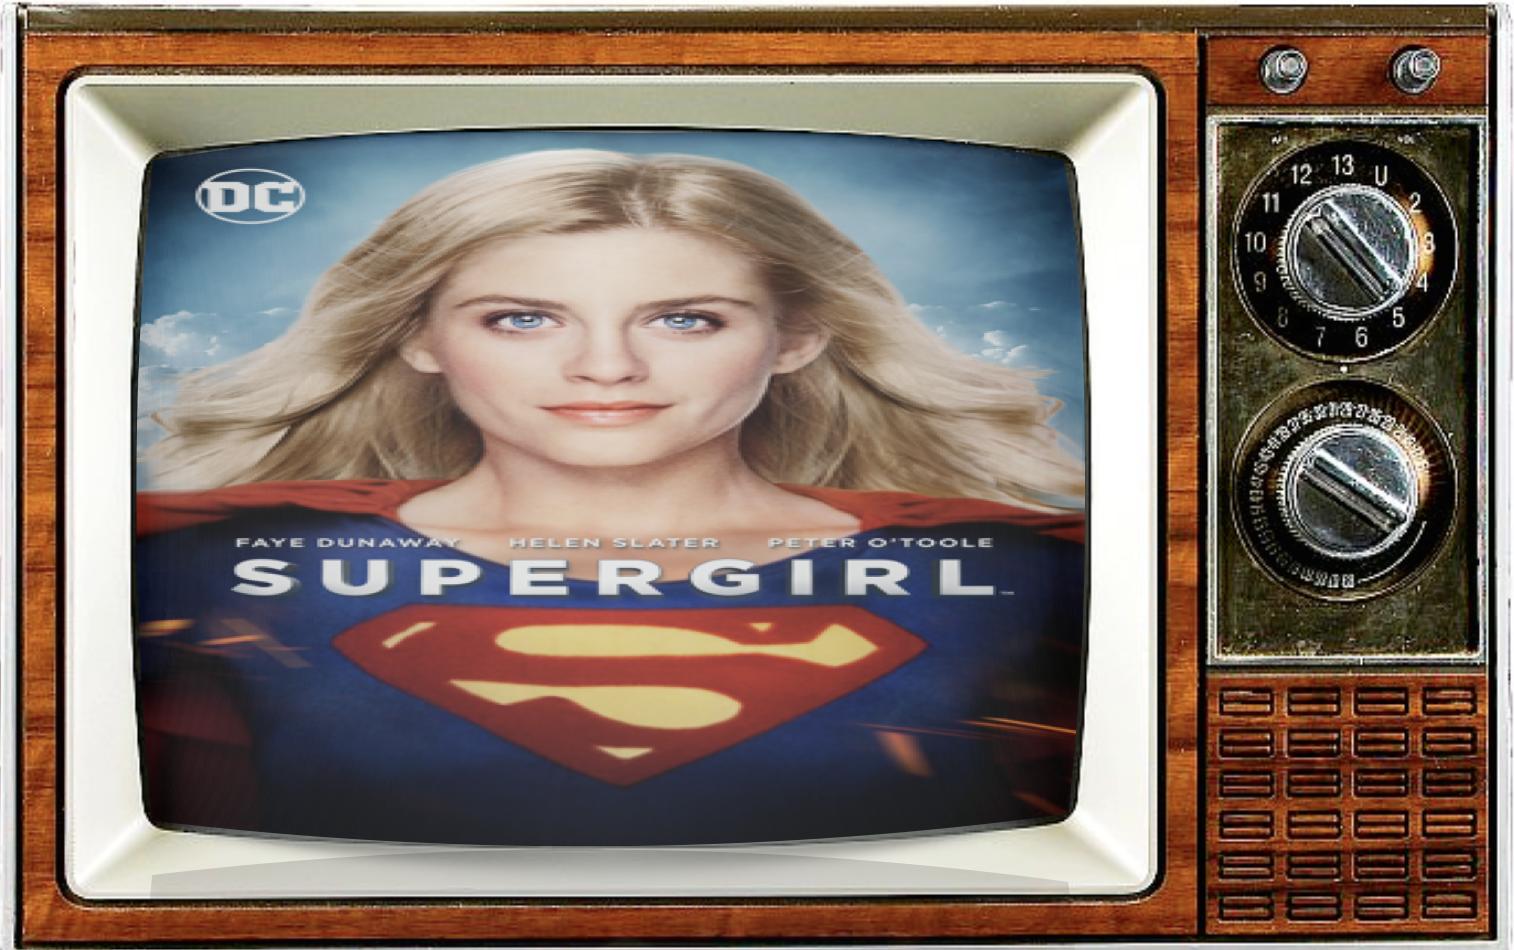 SMC Episode 78: Supergirl VS The Glass Ceiling – The Overdue Female Superheros W/ Helen Slater